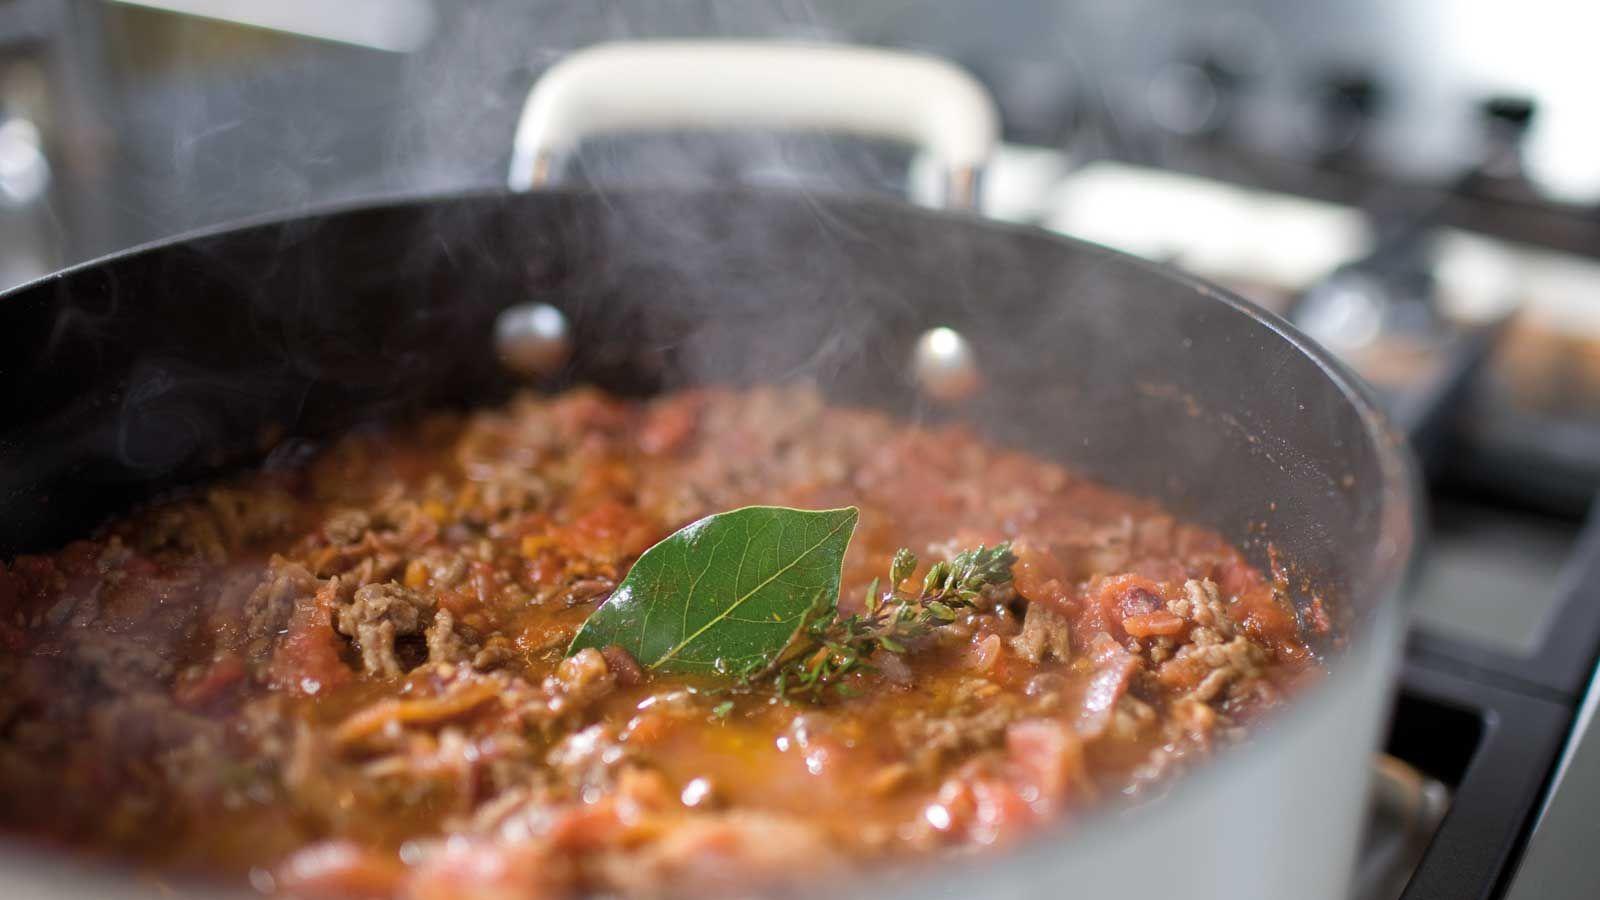 Quer aprender todos os truques para um ragu saboroso? Então confira nossas dicas e prepare essa receita cheia de amor e sabor ai na sua casa.